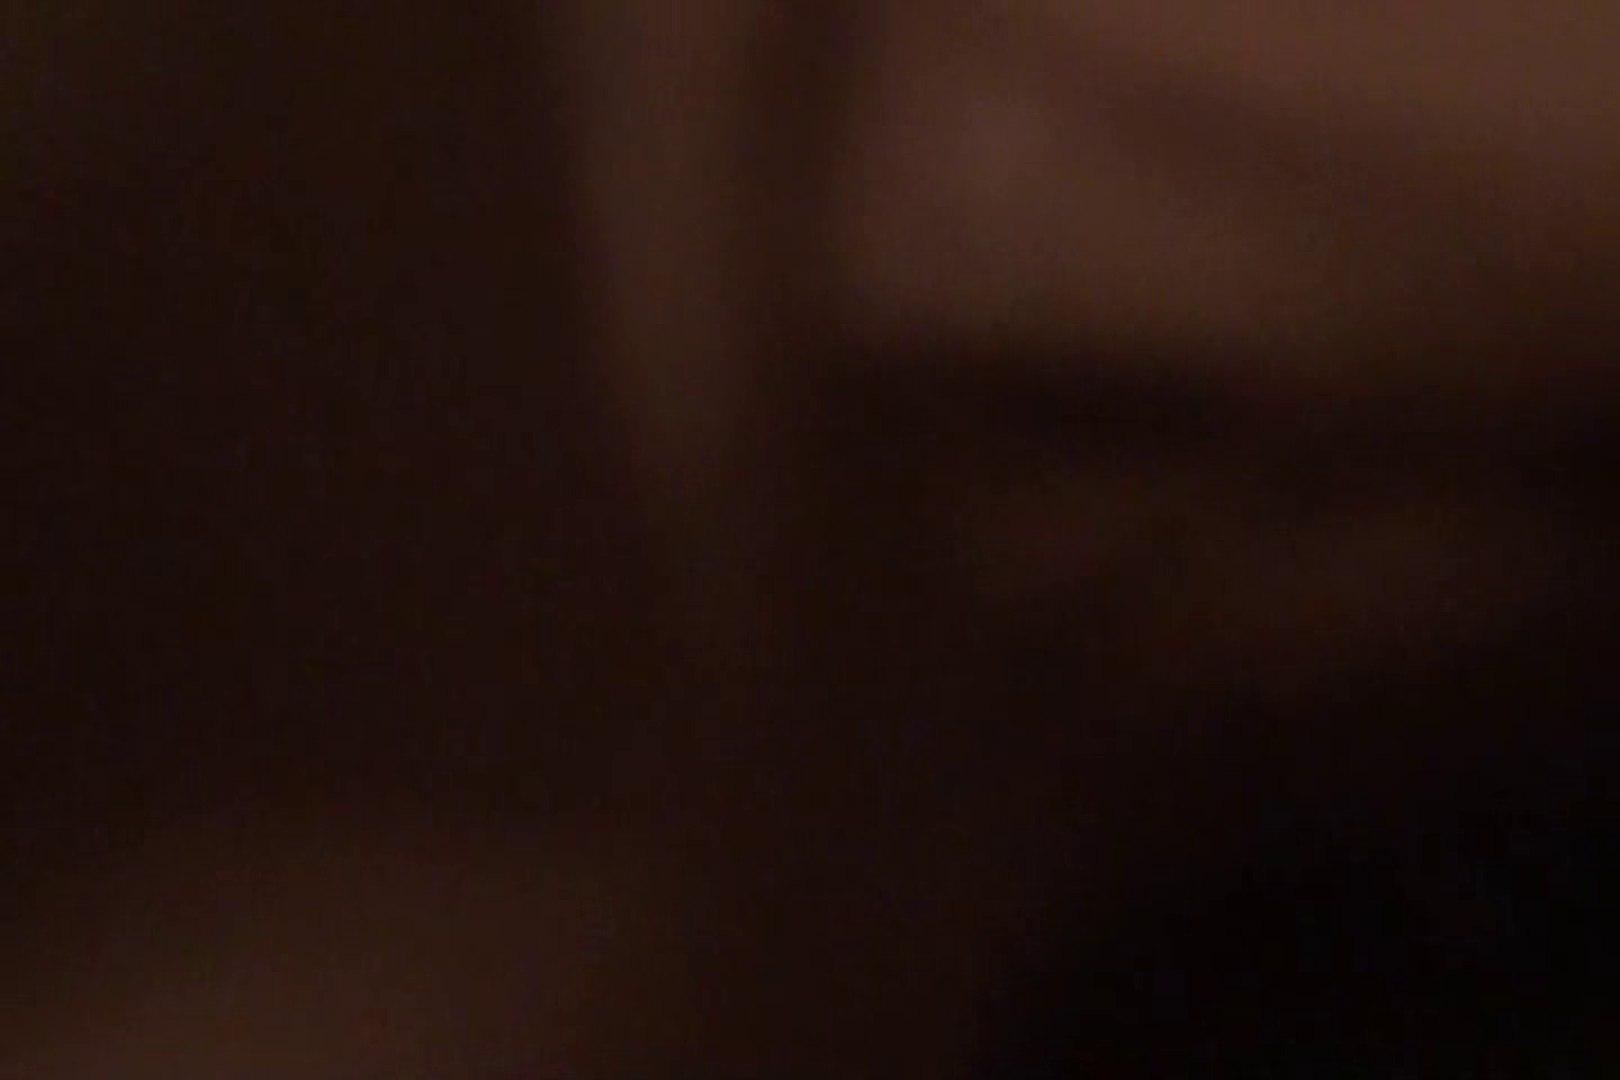 独占配信! ●罪証拠DVD 起きません! vol.09 無修正オマンコ 盗み撮り動画キャプチャ 77画像 27